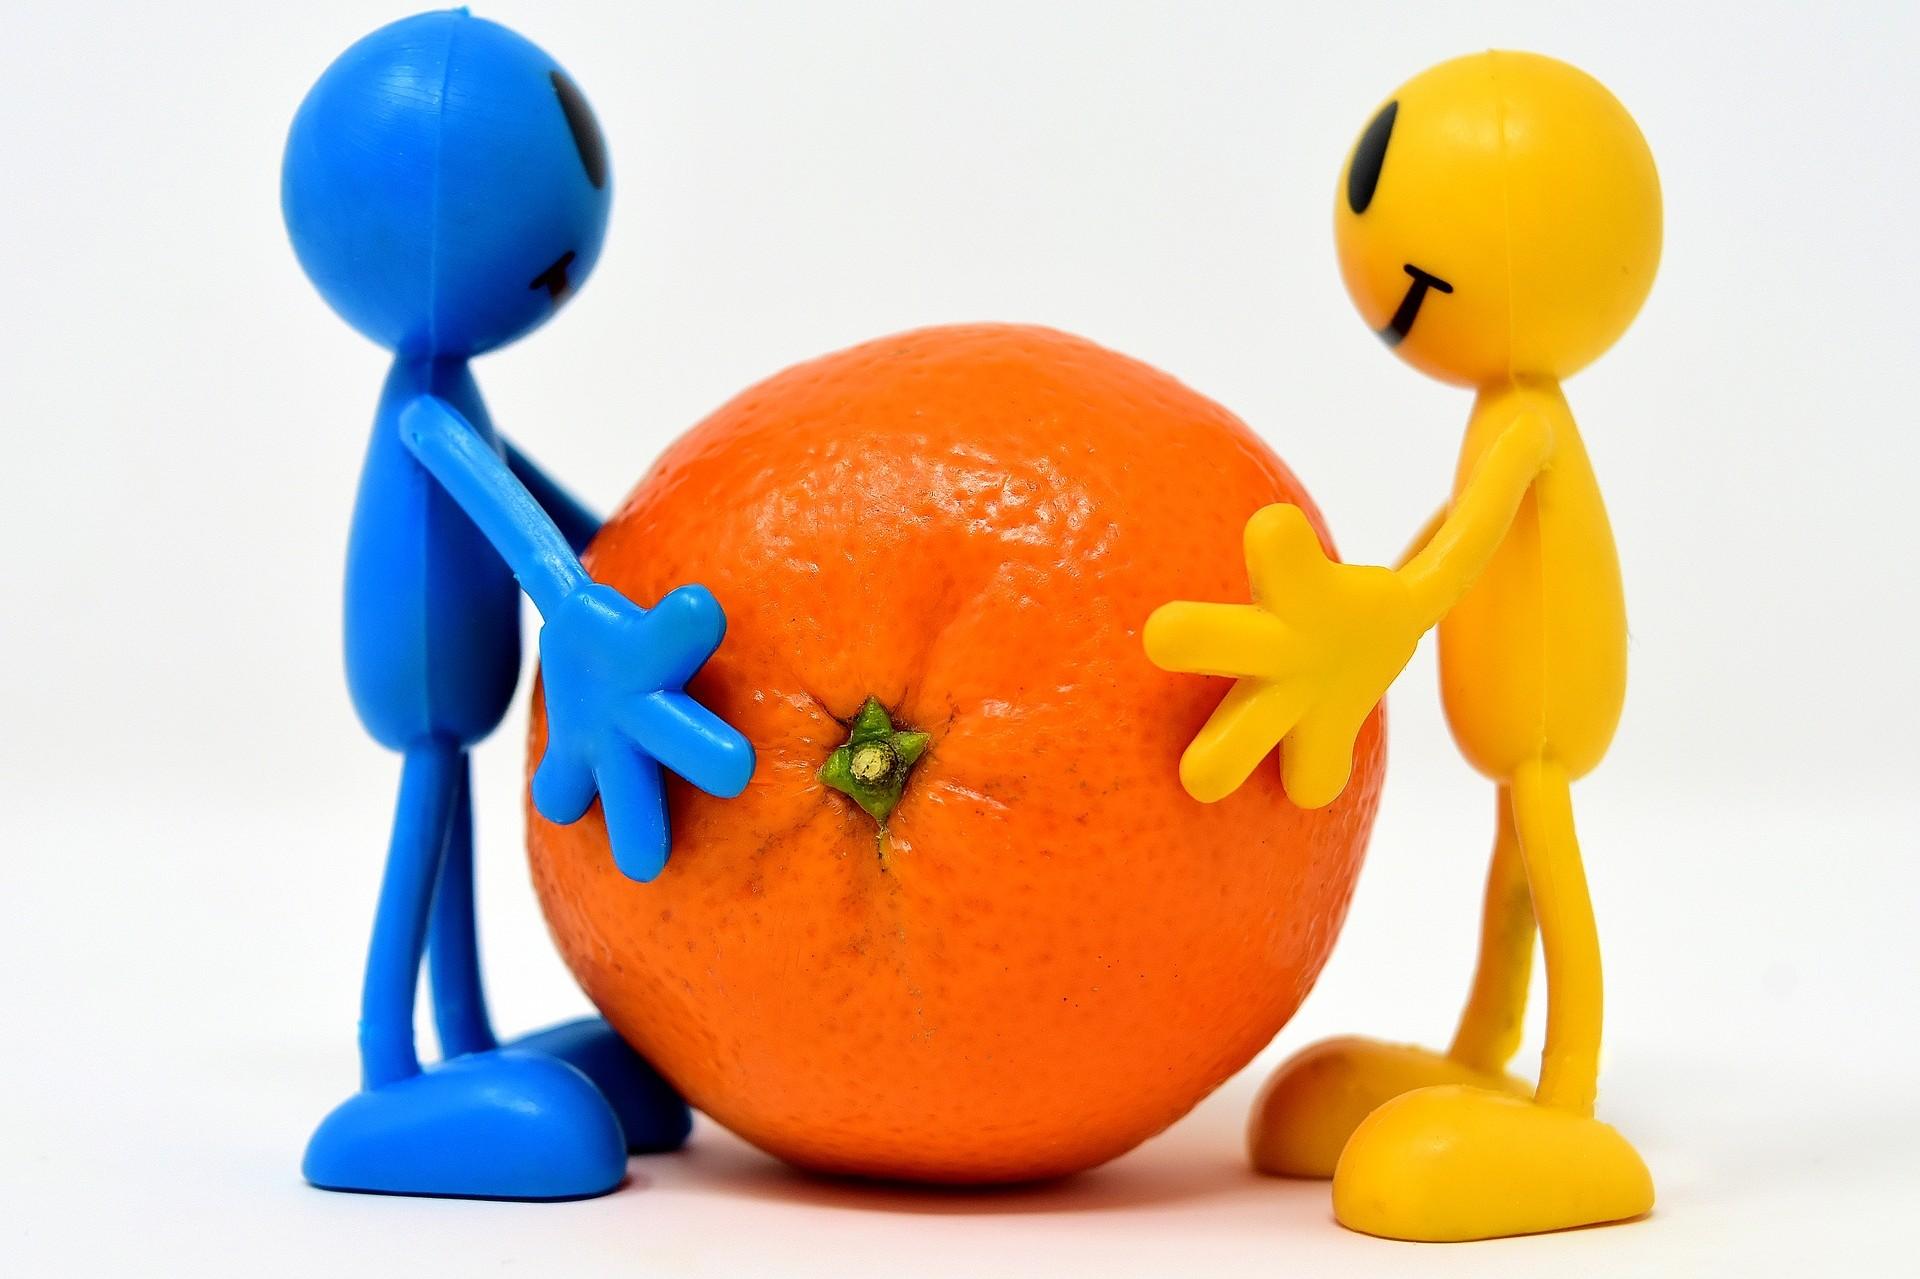 appelsinvenner